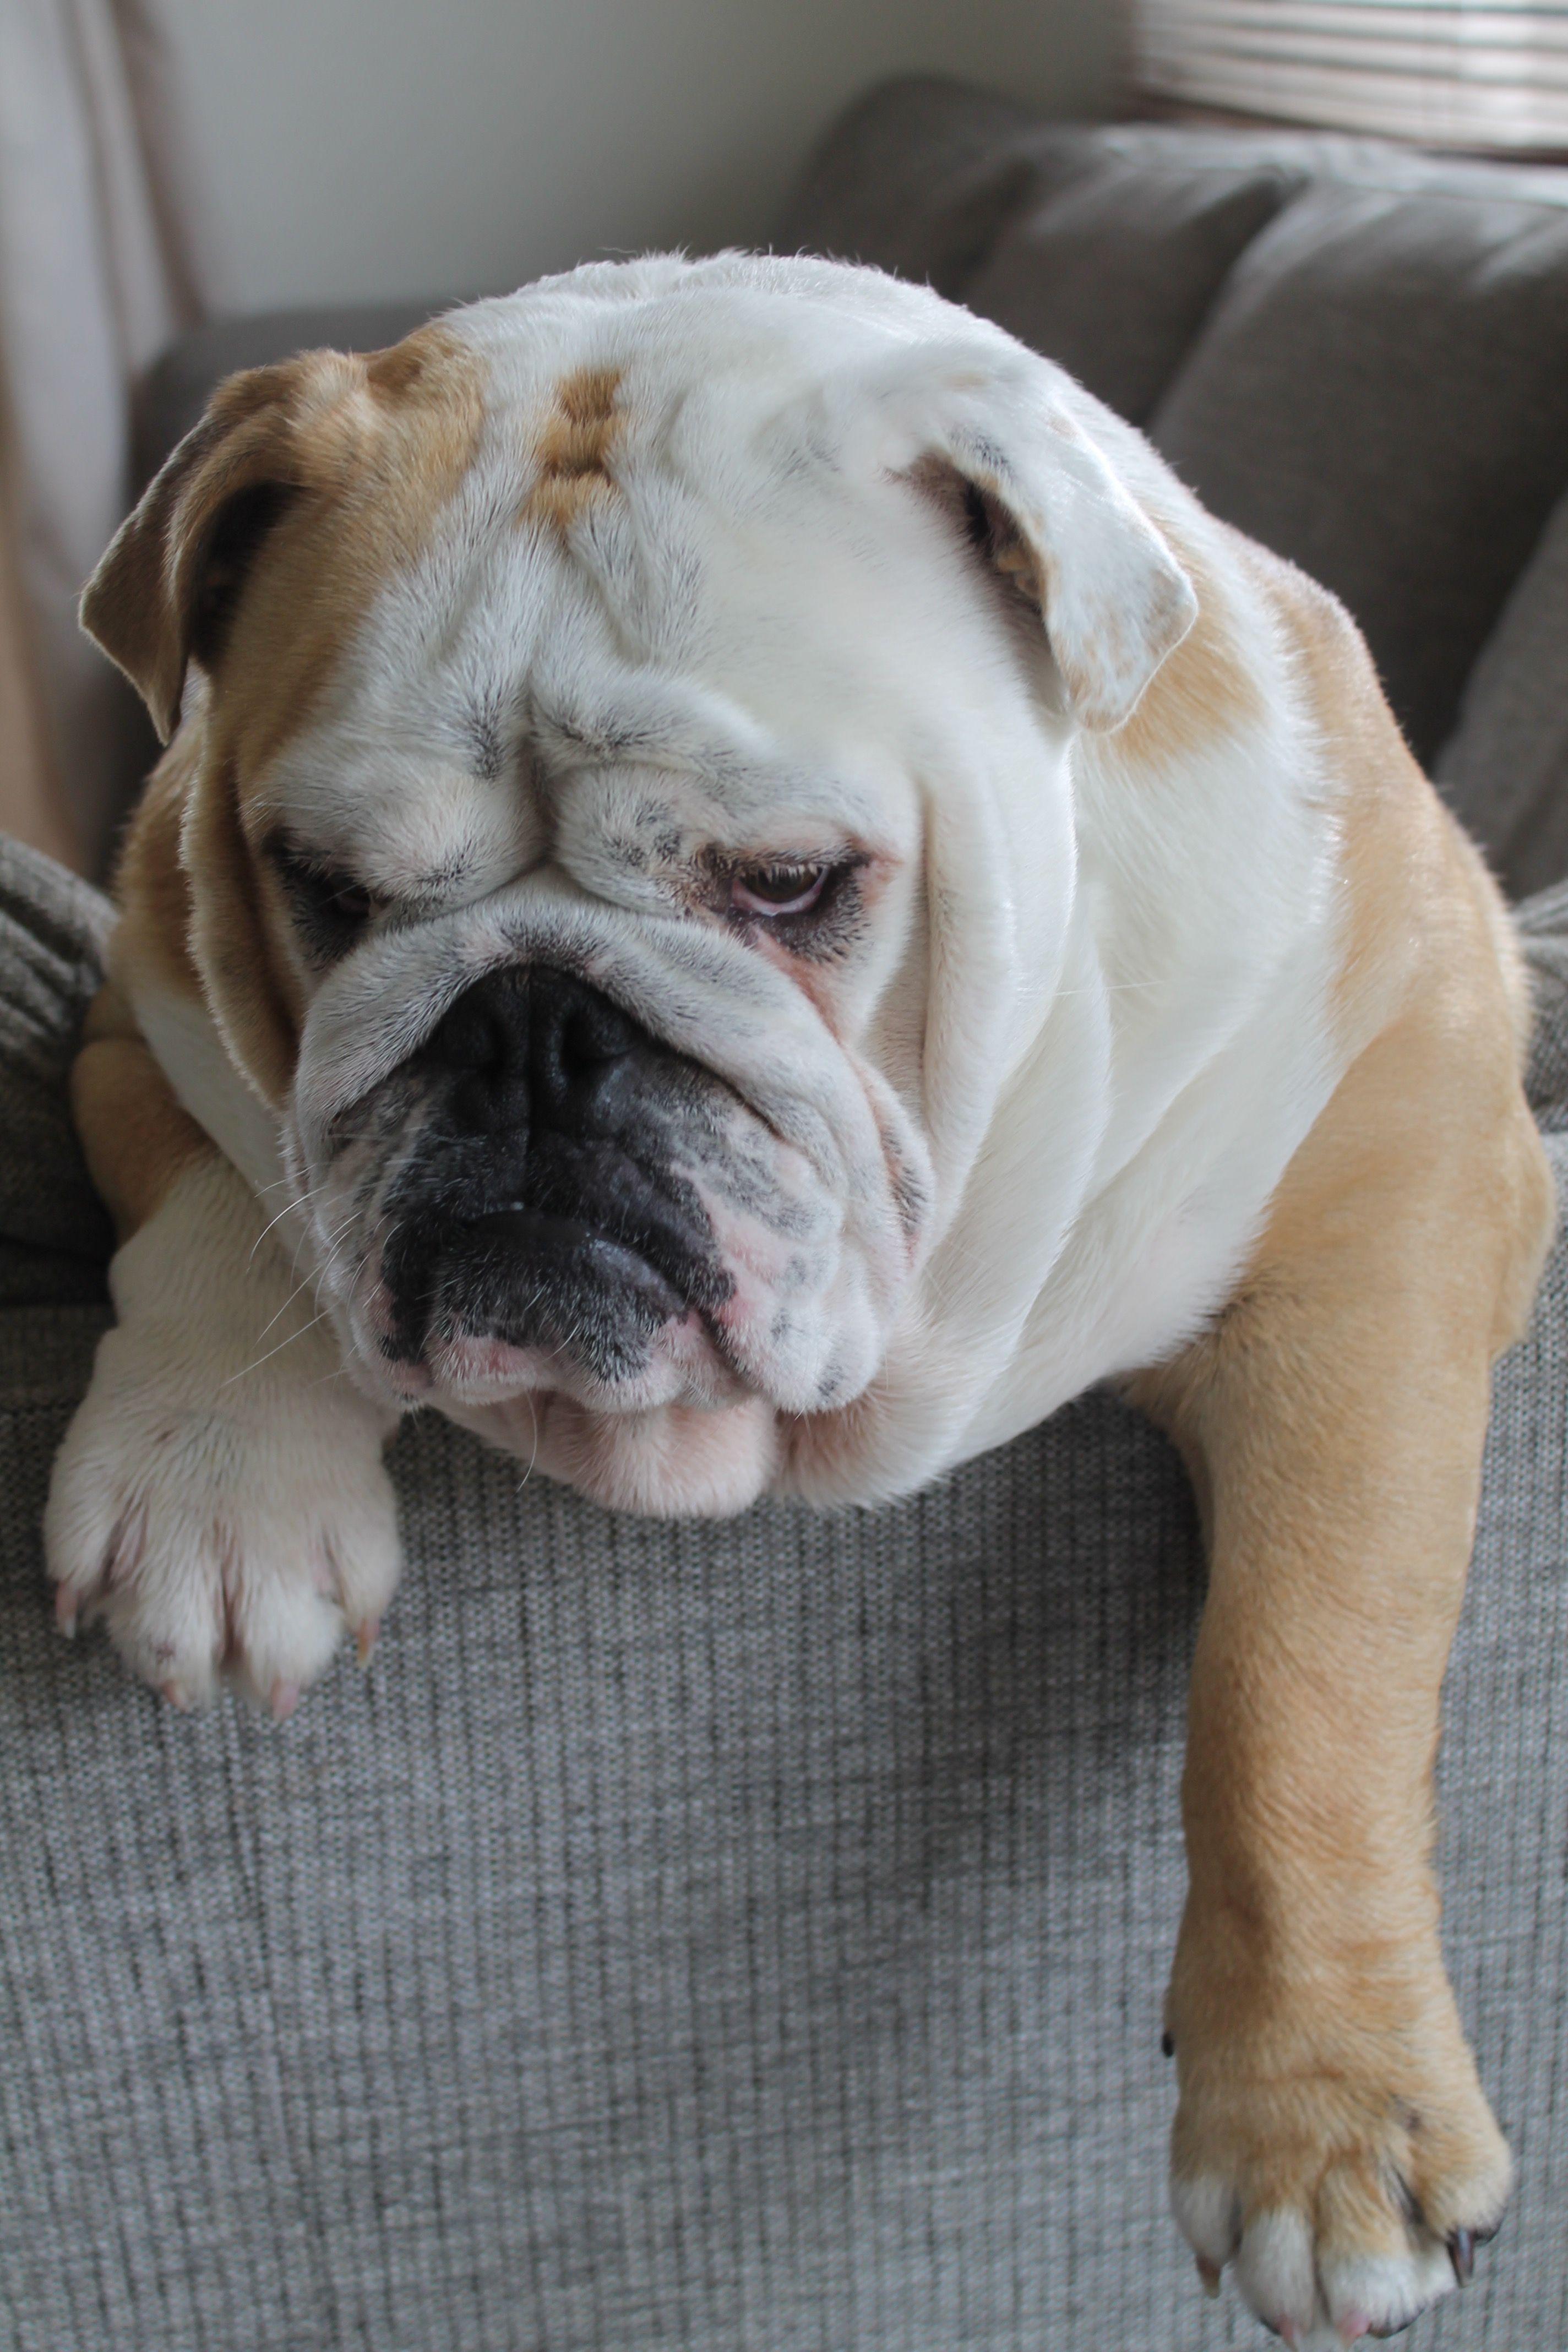 bulldog relaxing couch britishbulldog cute Bulldog